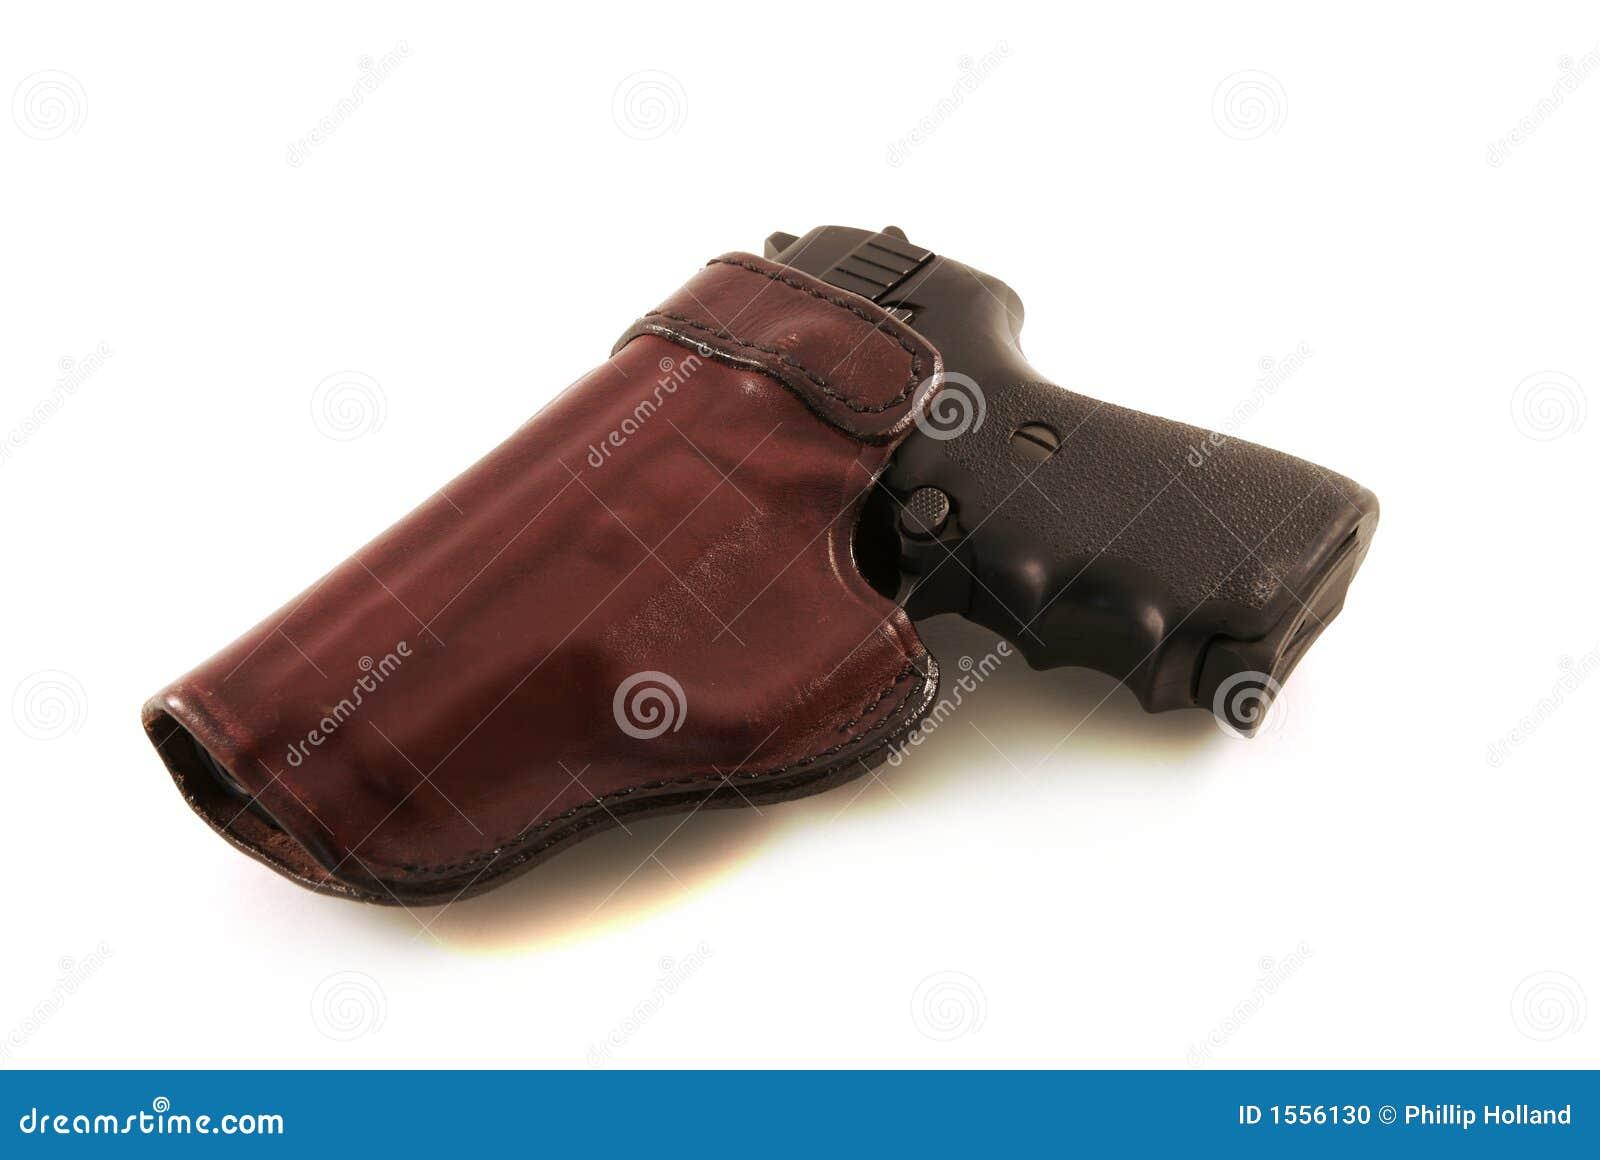 9m m en la pistolera de cuero